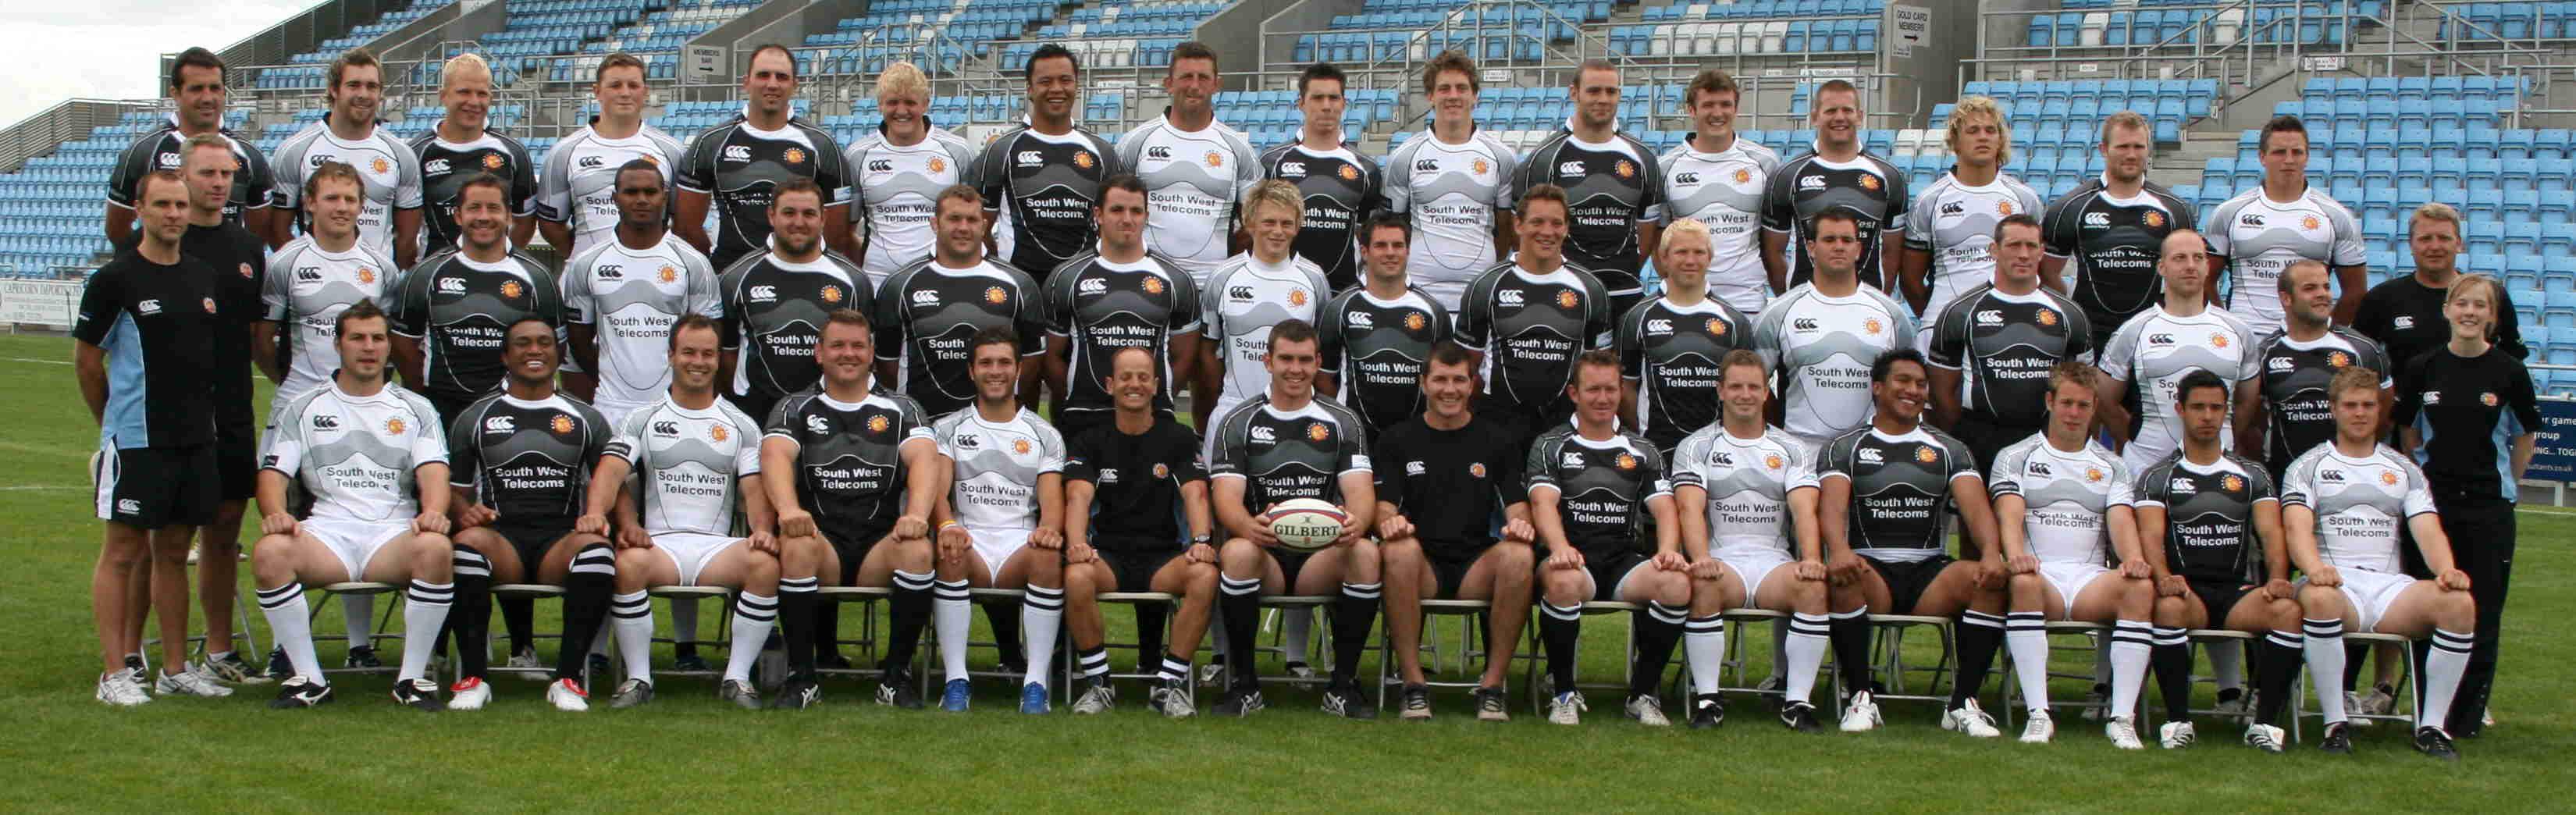 Squad 07/08